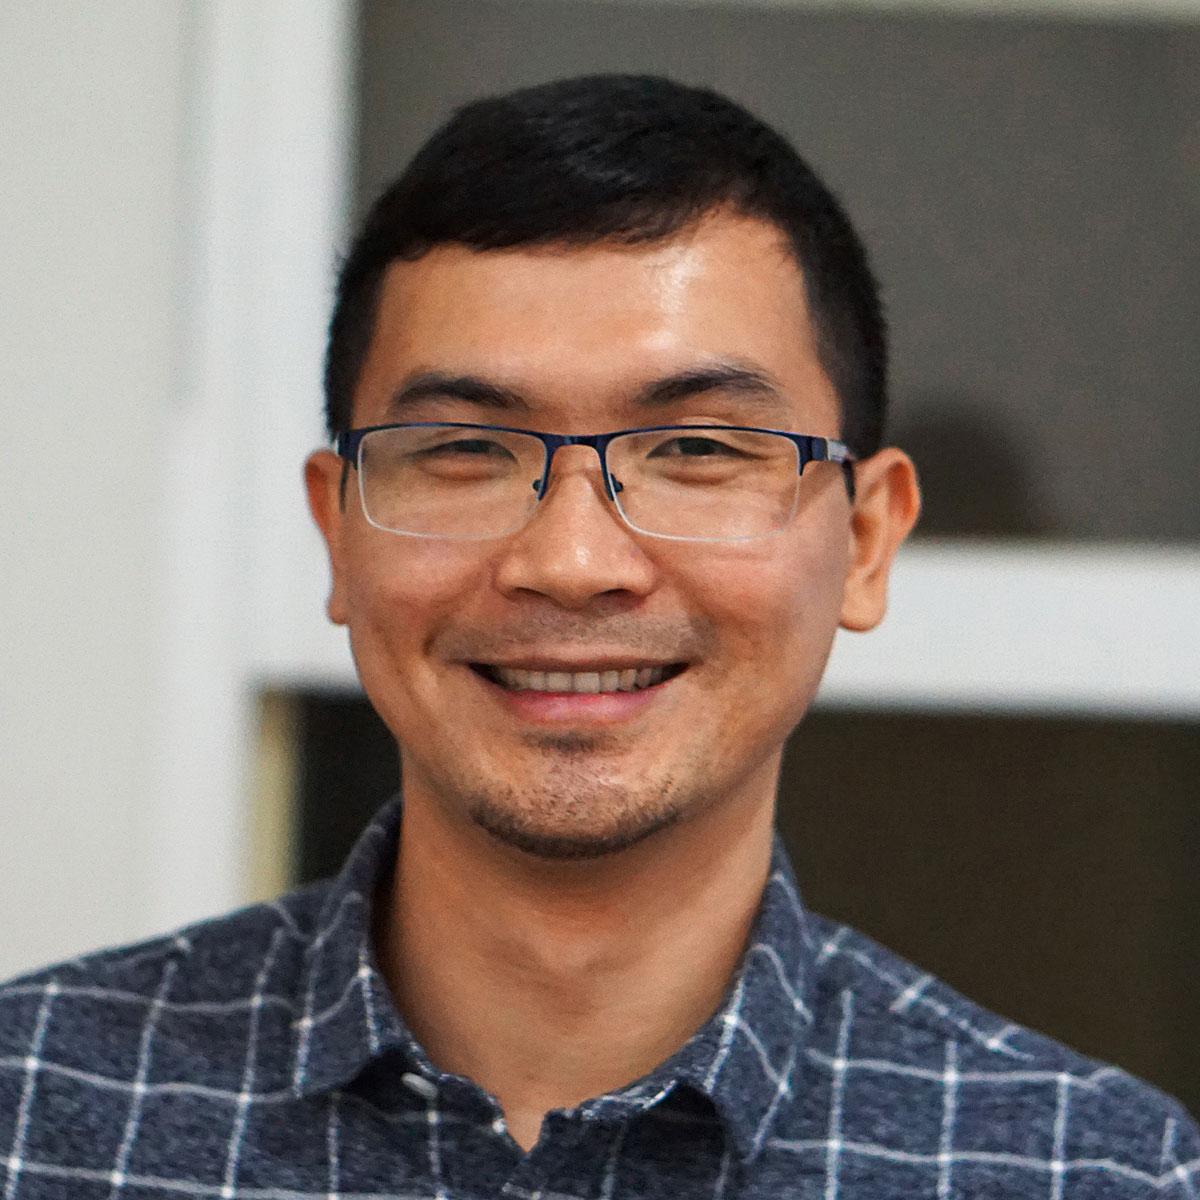 Danny Phung